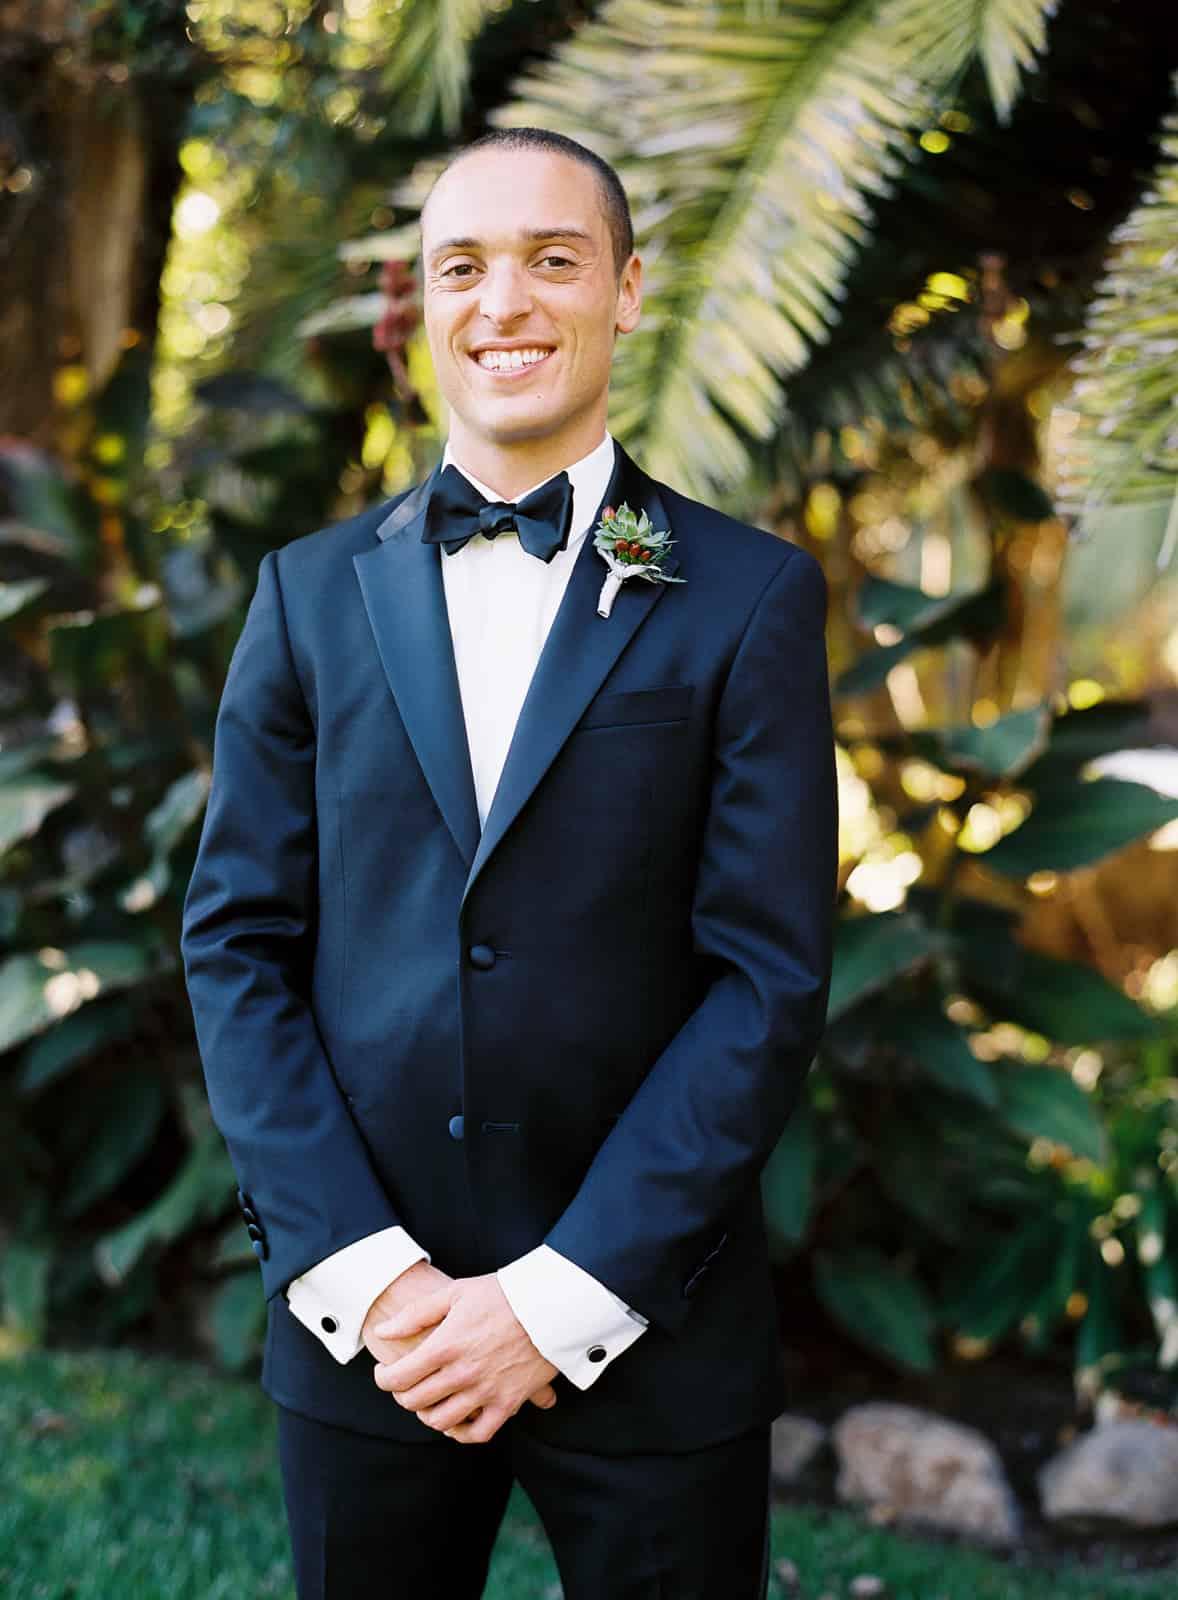 Groom in a black tuxedo